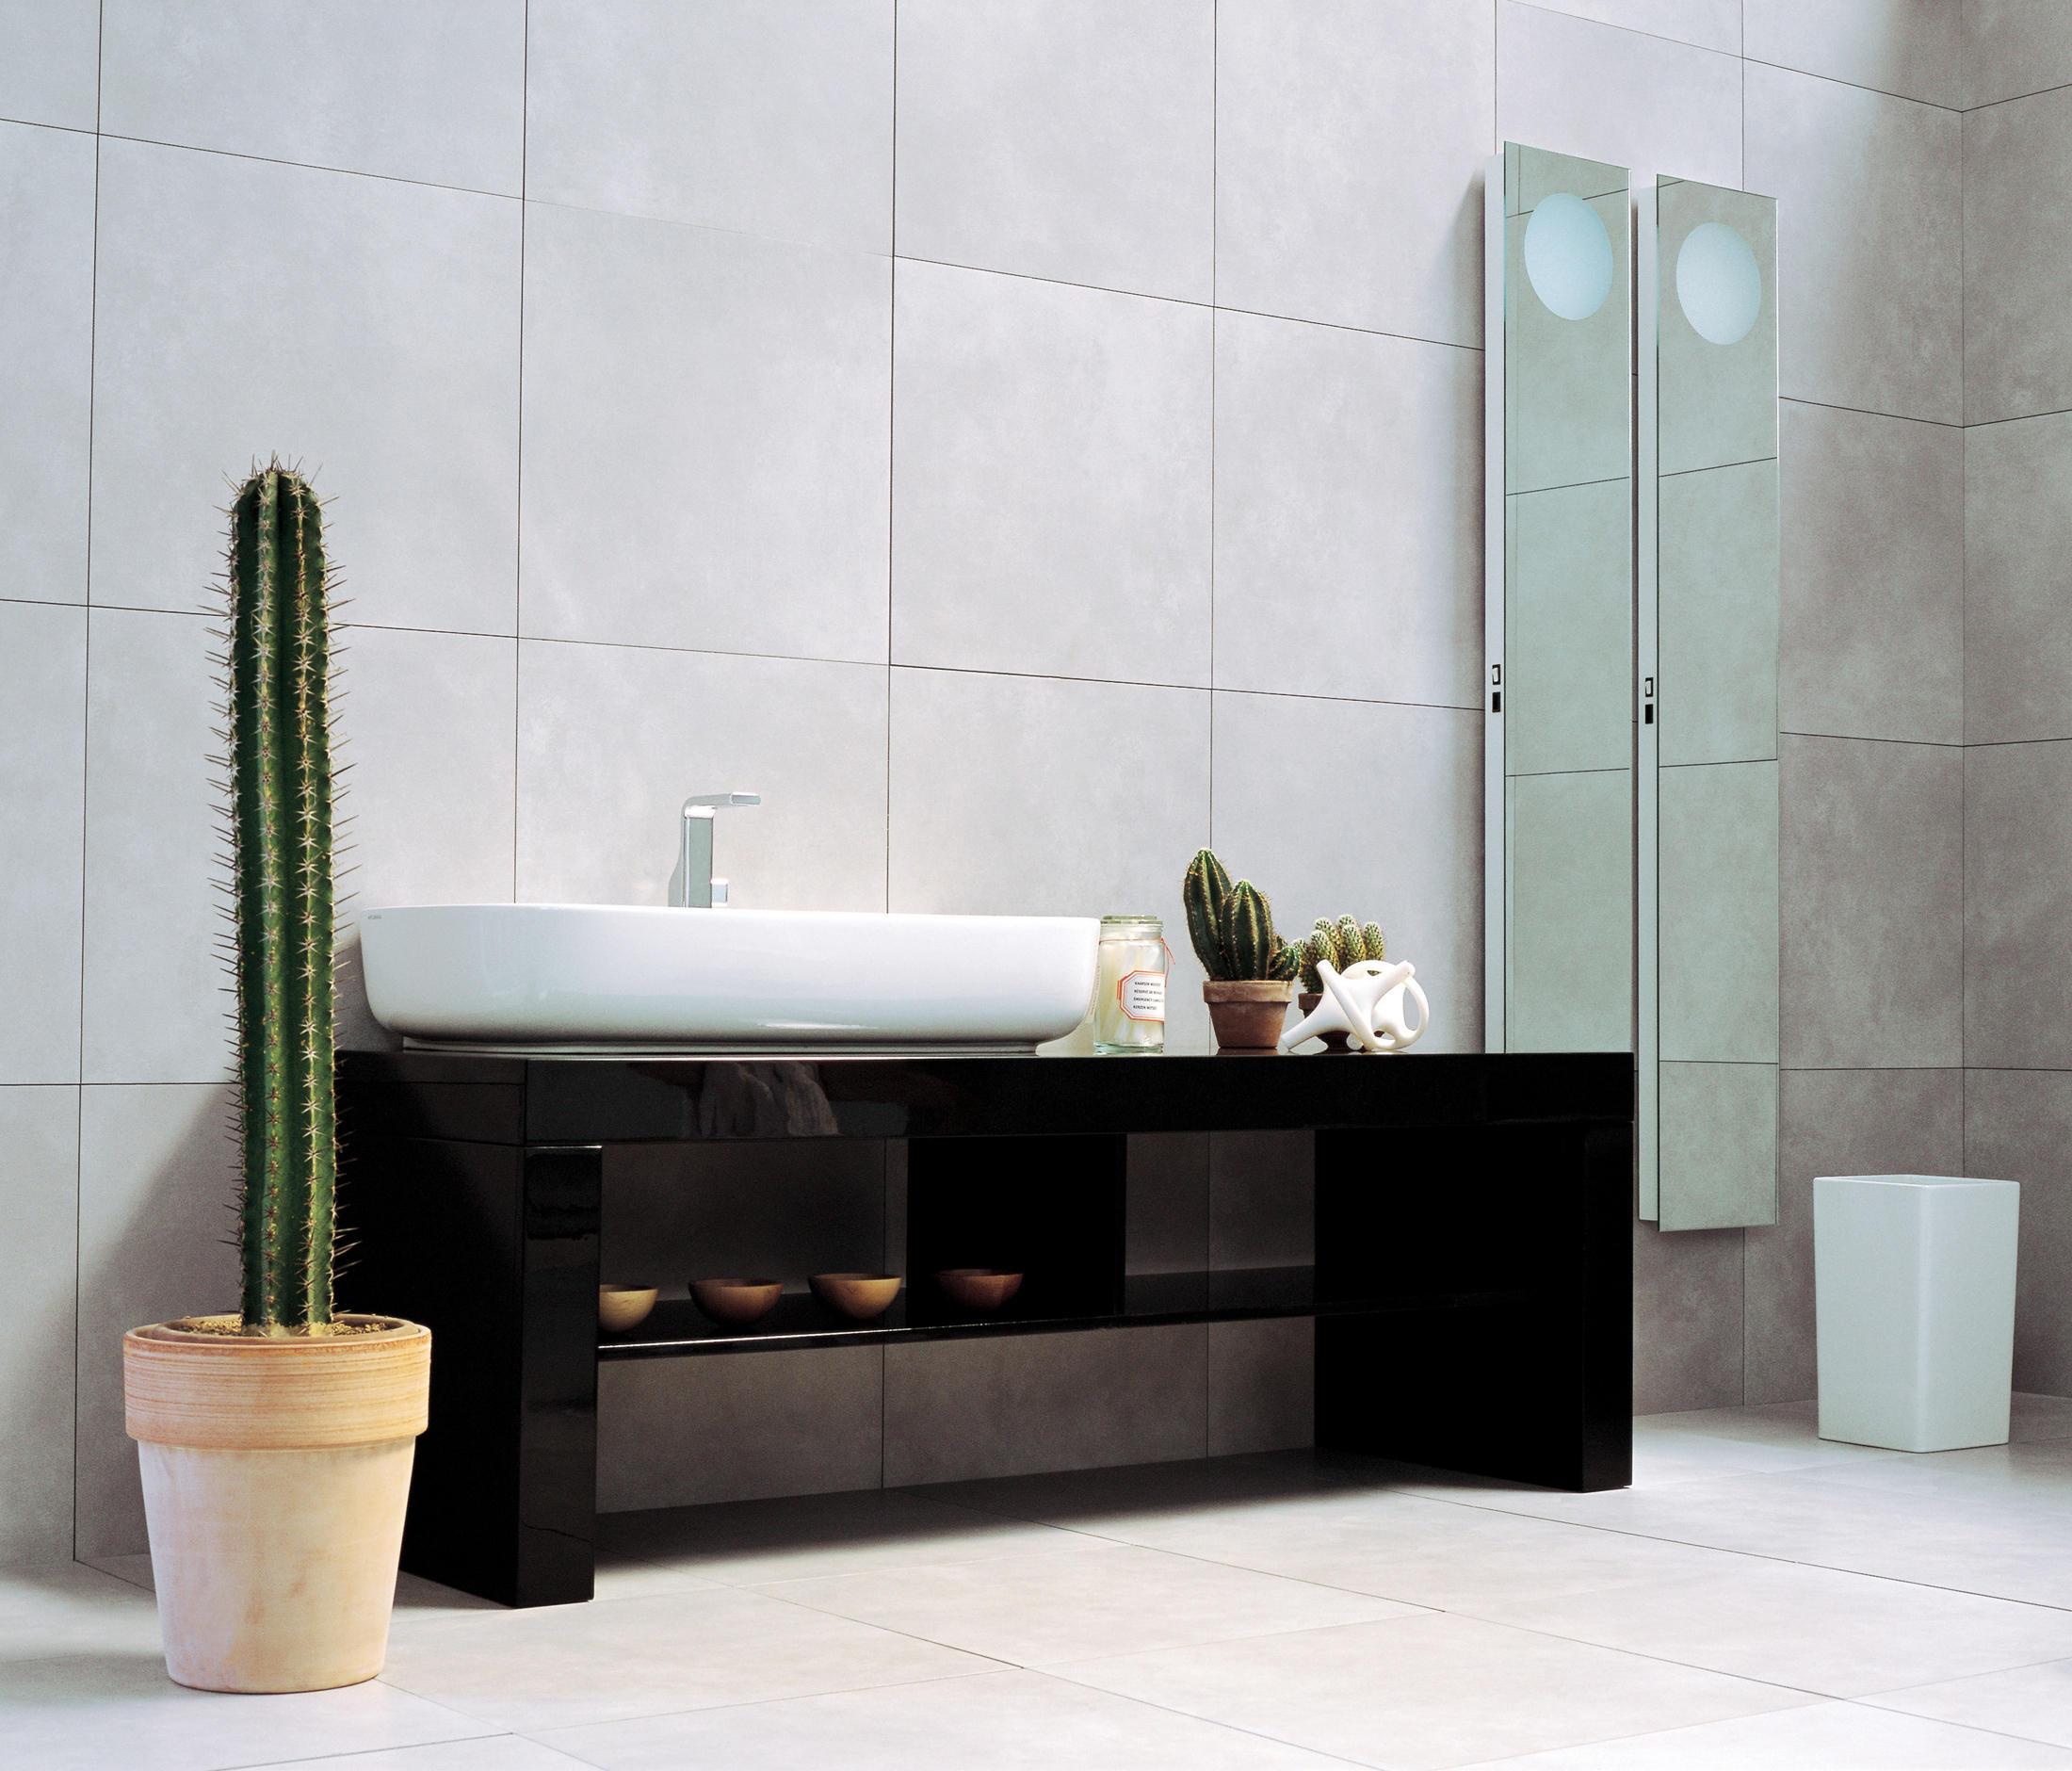 Mobile Bagno Non Sospeso Mobile Bagno Moderno Sospeso Zeus 2 In 6